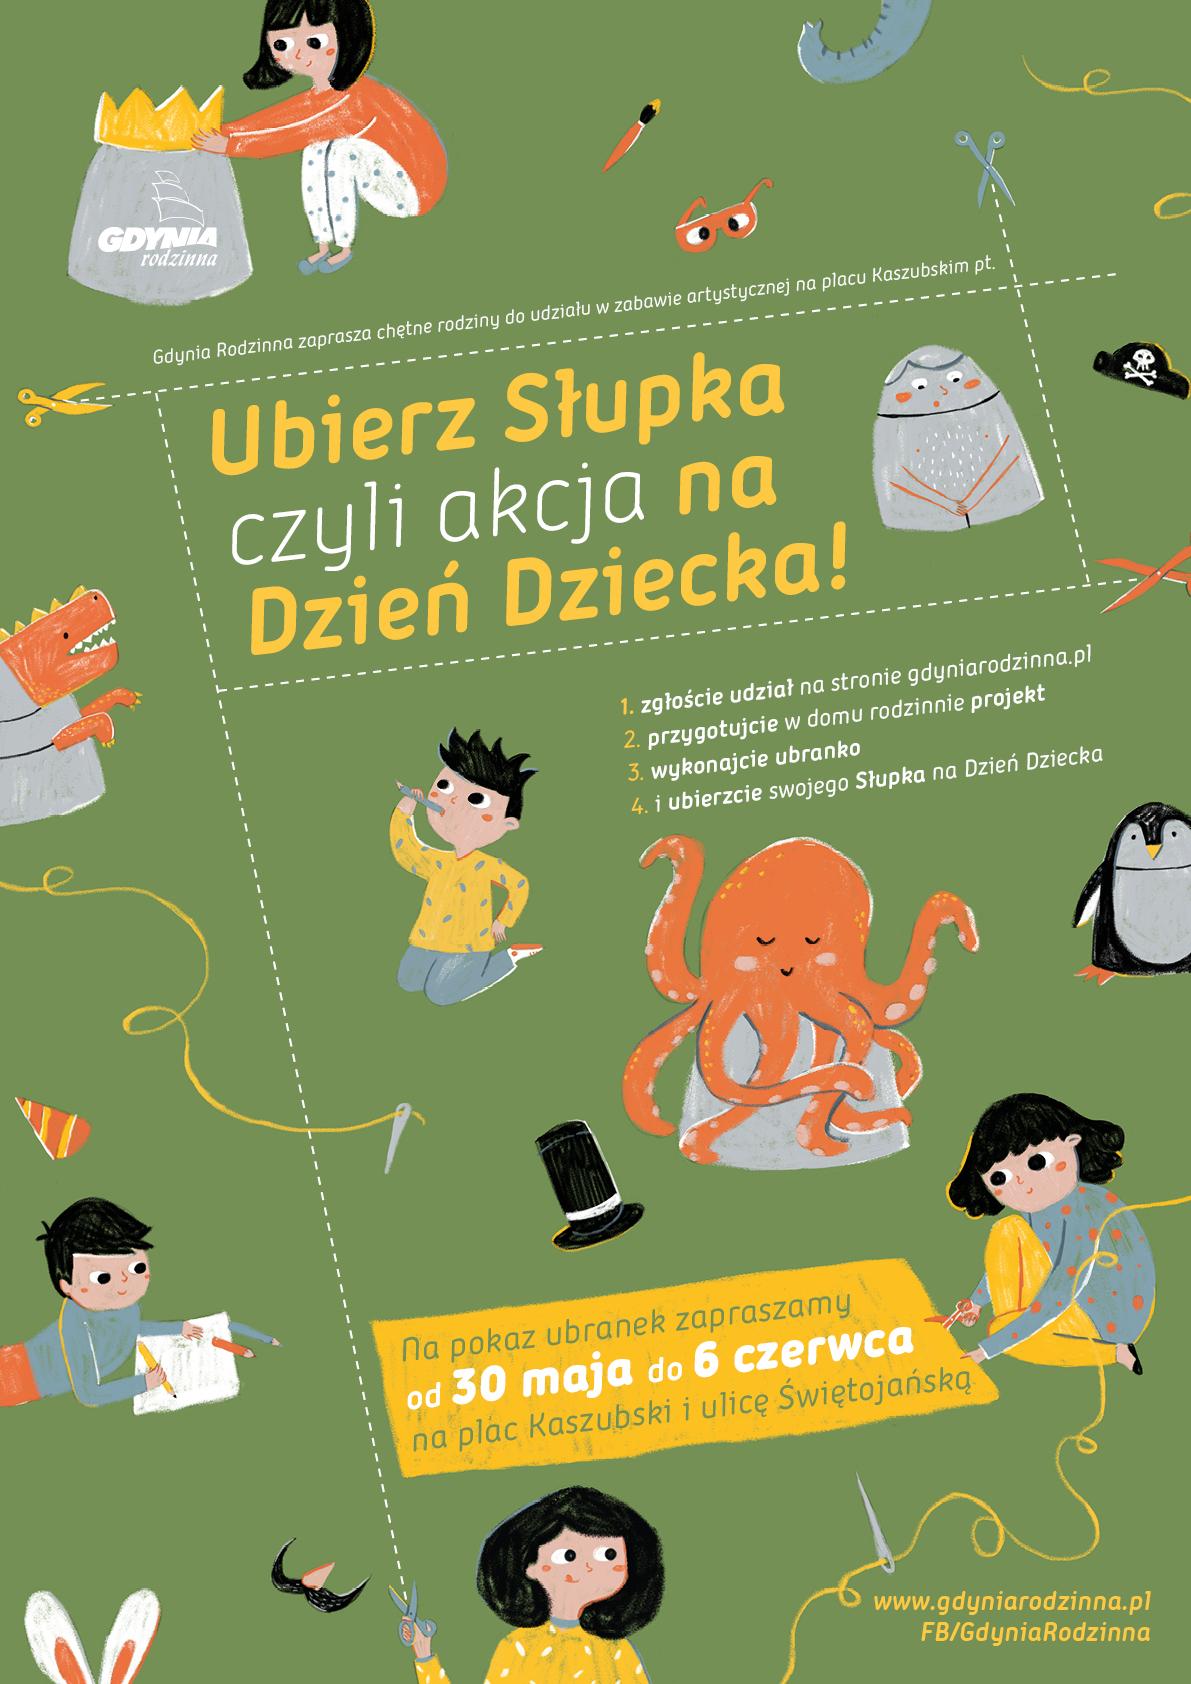 Plakat promujący akcję zawierający te same elementy graficzne co ilustracja z tekstu wraz z krótką informacją o tym, na czym akcja polega, terminami oraz danymi organizatora, czyli Gdyni Rodzinnej